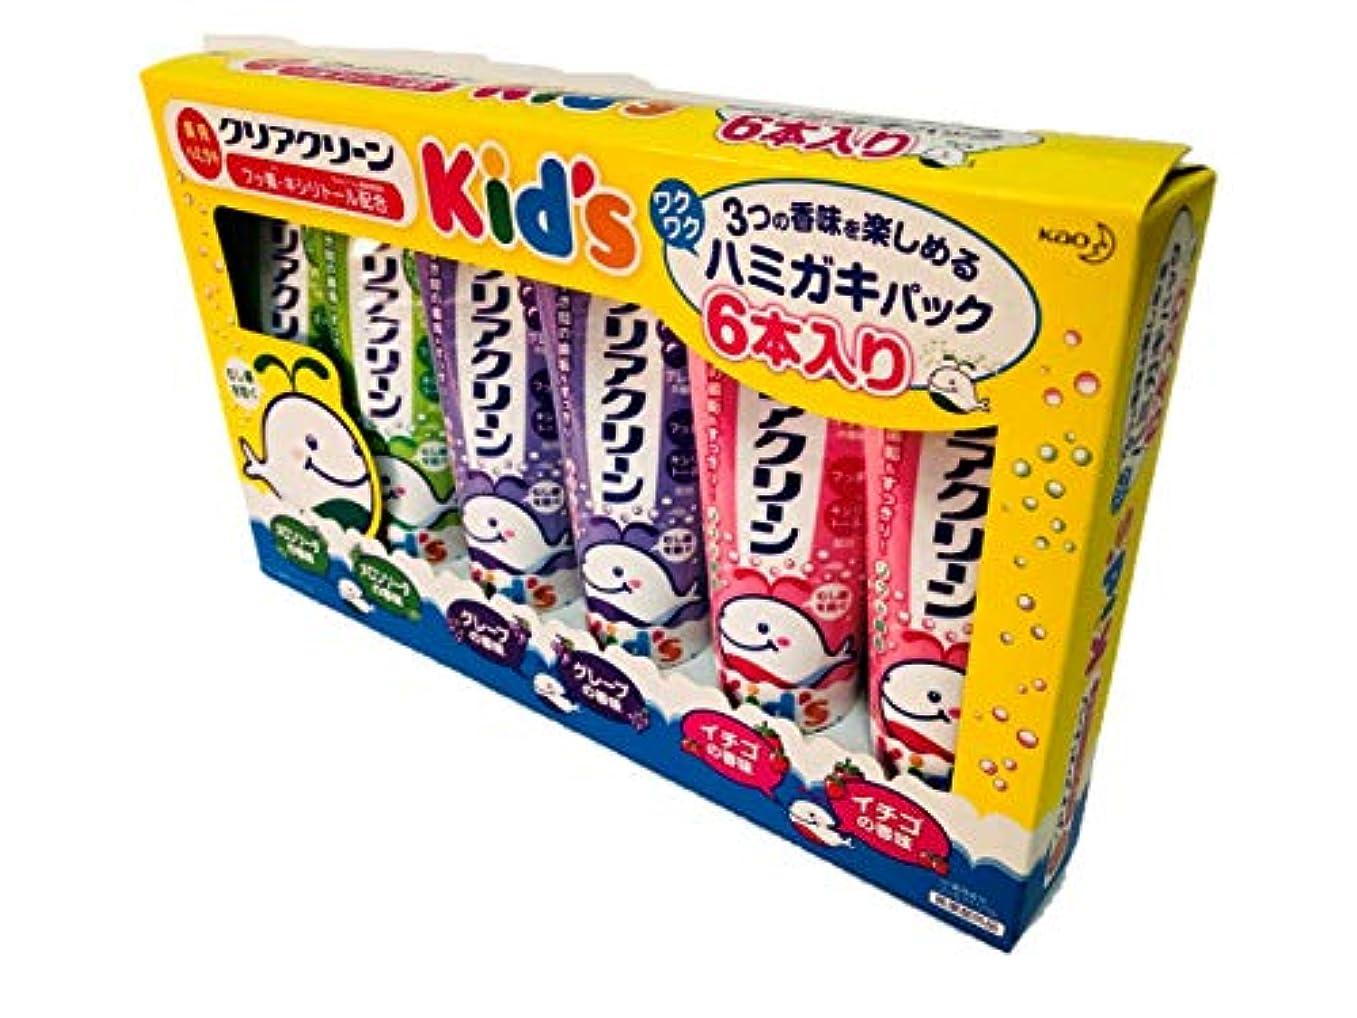 サスペンションキャベツ対角線クリアクリーン Kids ハミガキ 6本入りパック (メロンソーダ?グレープ?イチゴ)70g×6本 薬用ハミガキ